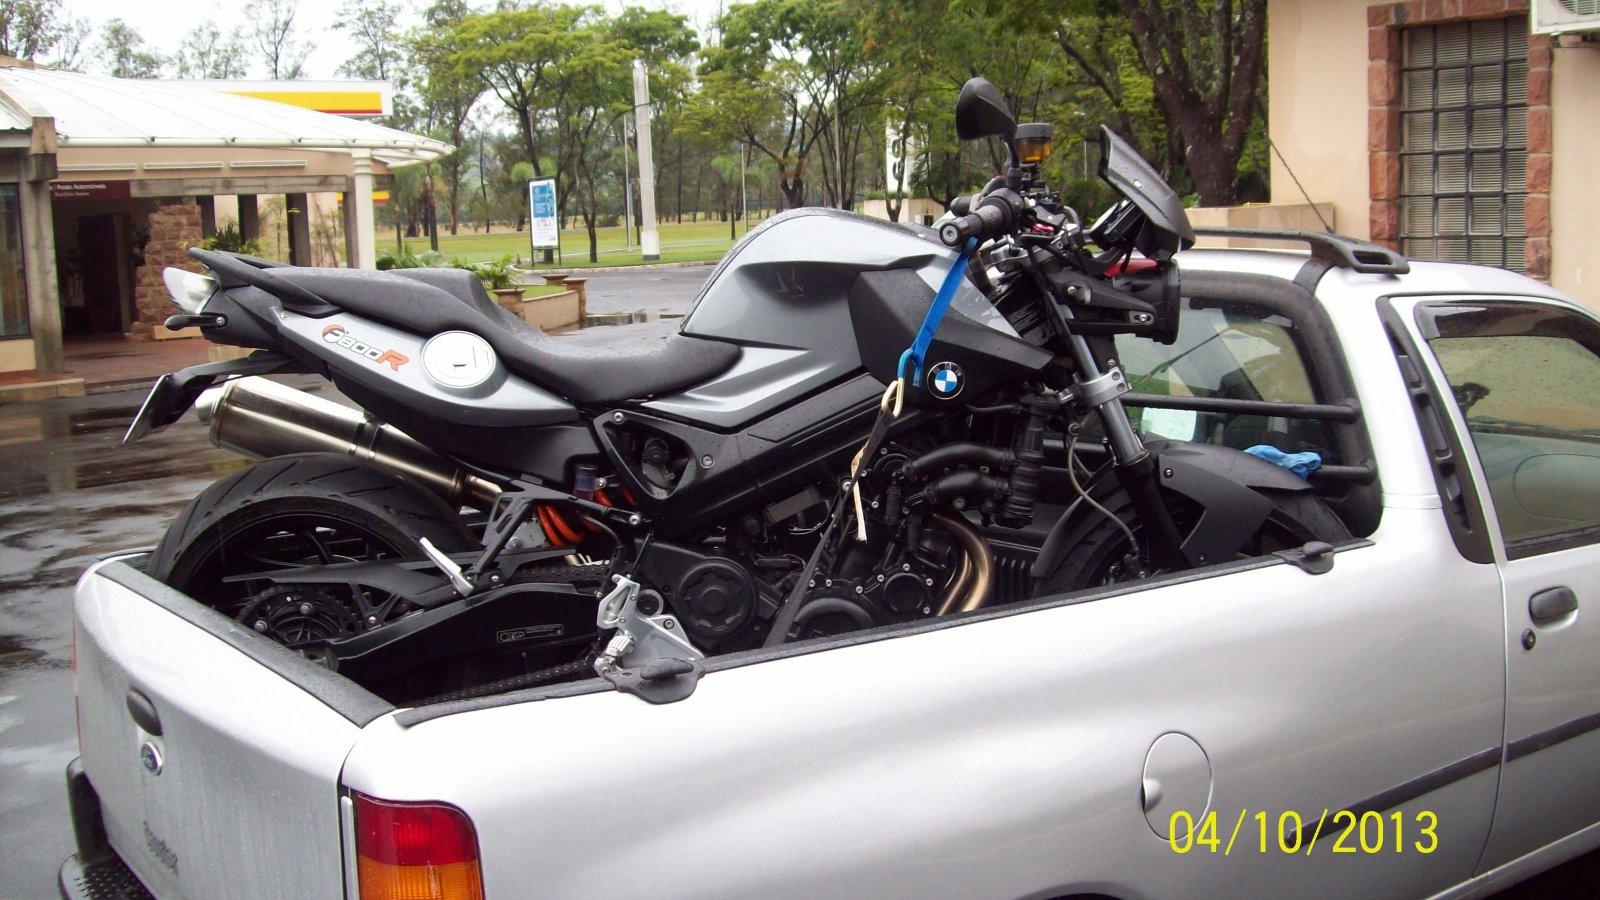 DESVENTURAS EM SÉRIE - CAPITULO DE HOJE: BMW F800R 2012 :-( - Página 3 691eyu